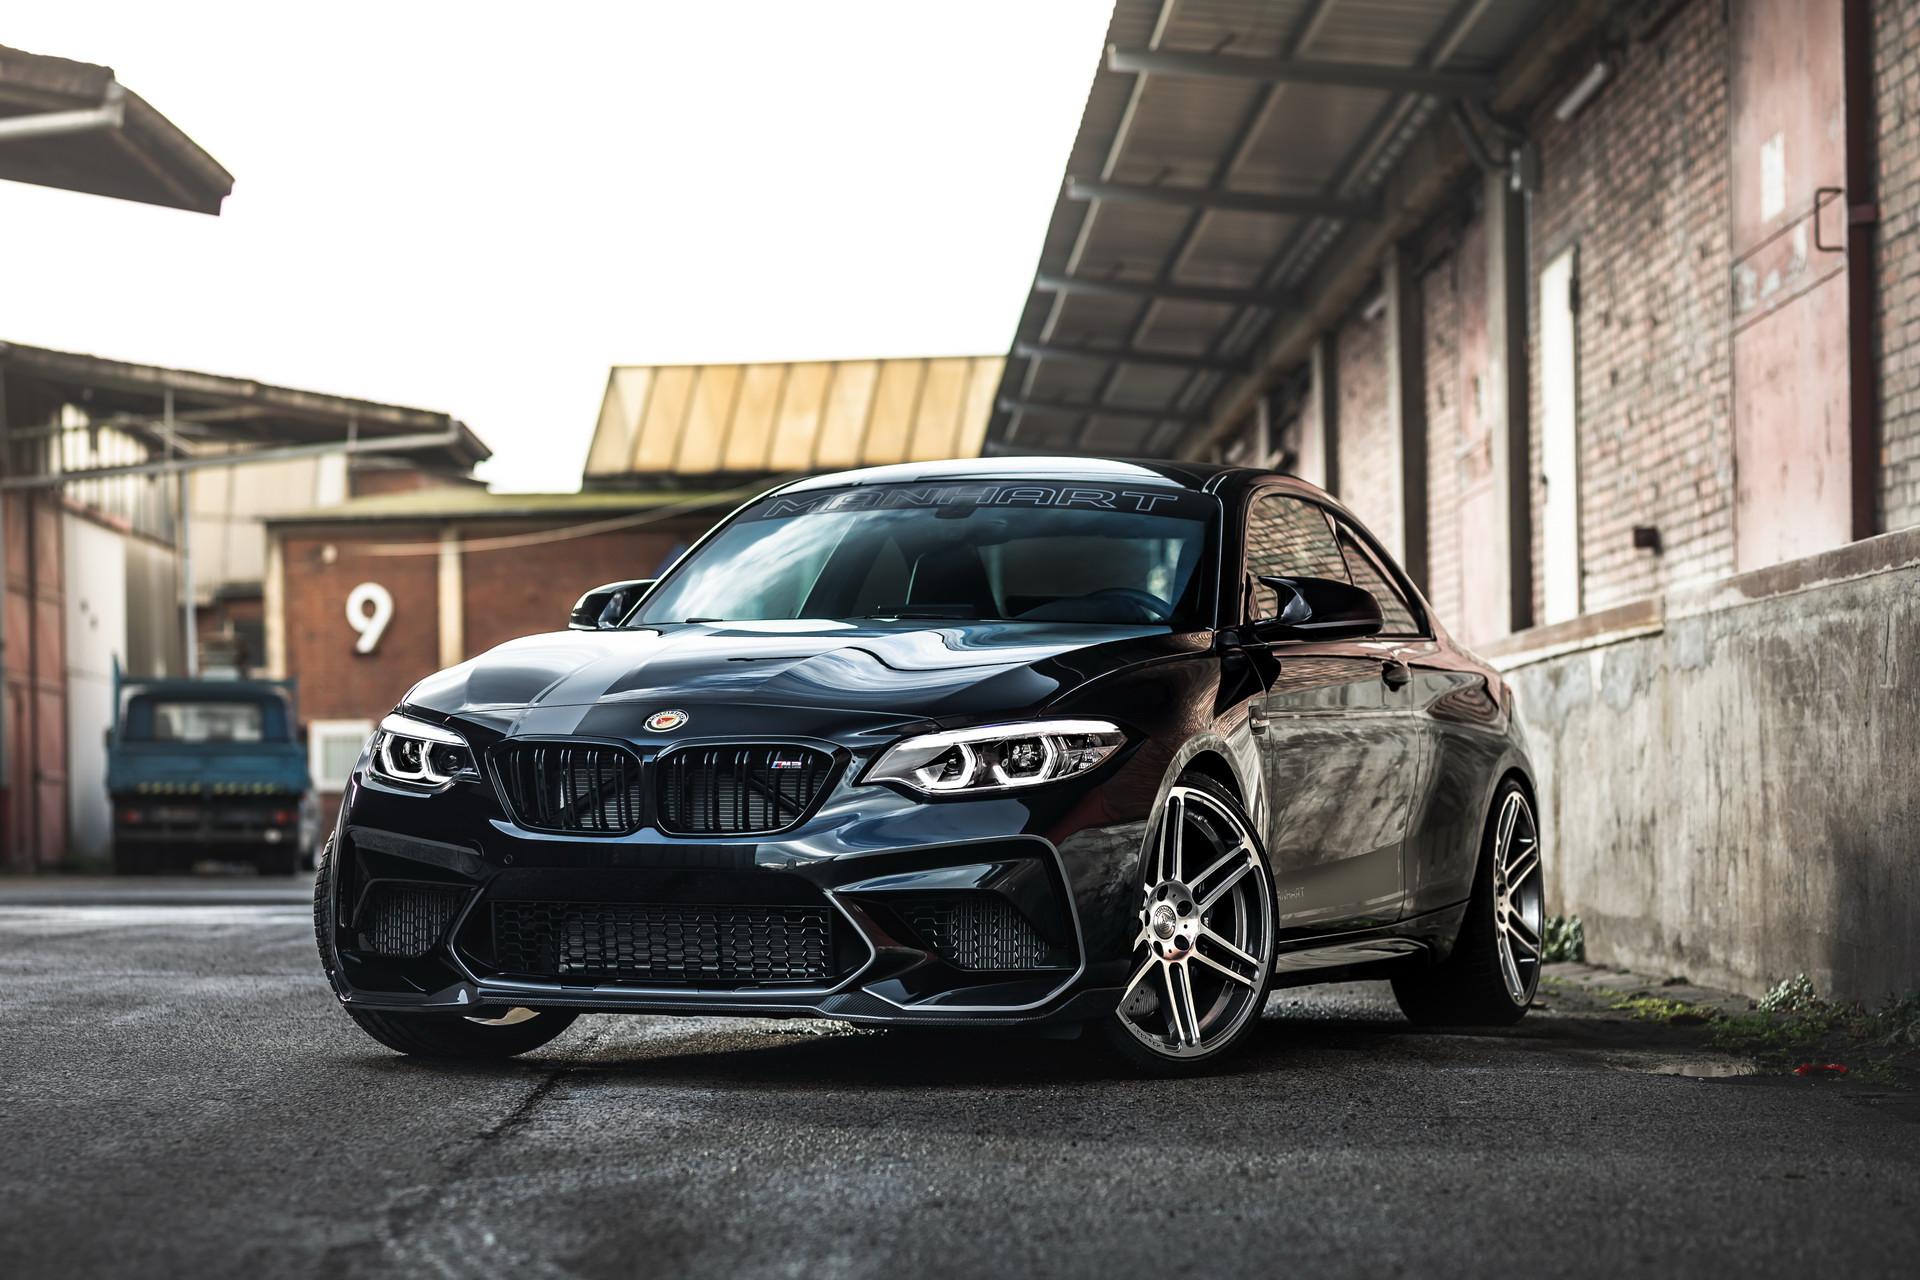 Тюнинг-мастерская Manhart анонсировала выпуск всего 10 экземпляров BMW M2 Competition с новыми дисками и обвесом, улучшенной подвеской и увеличенной отдачей.